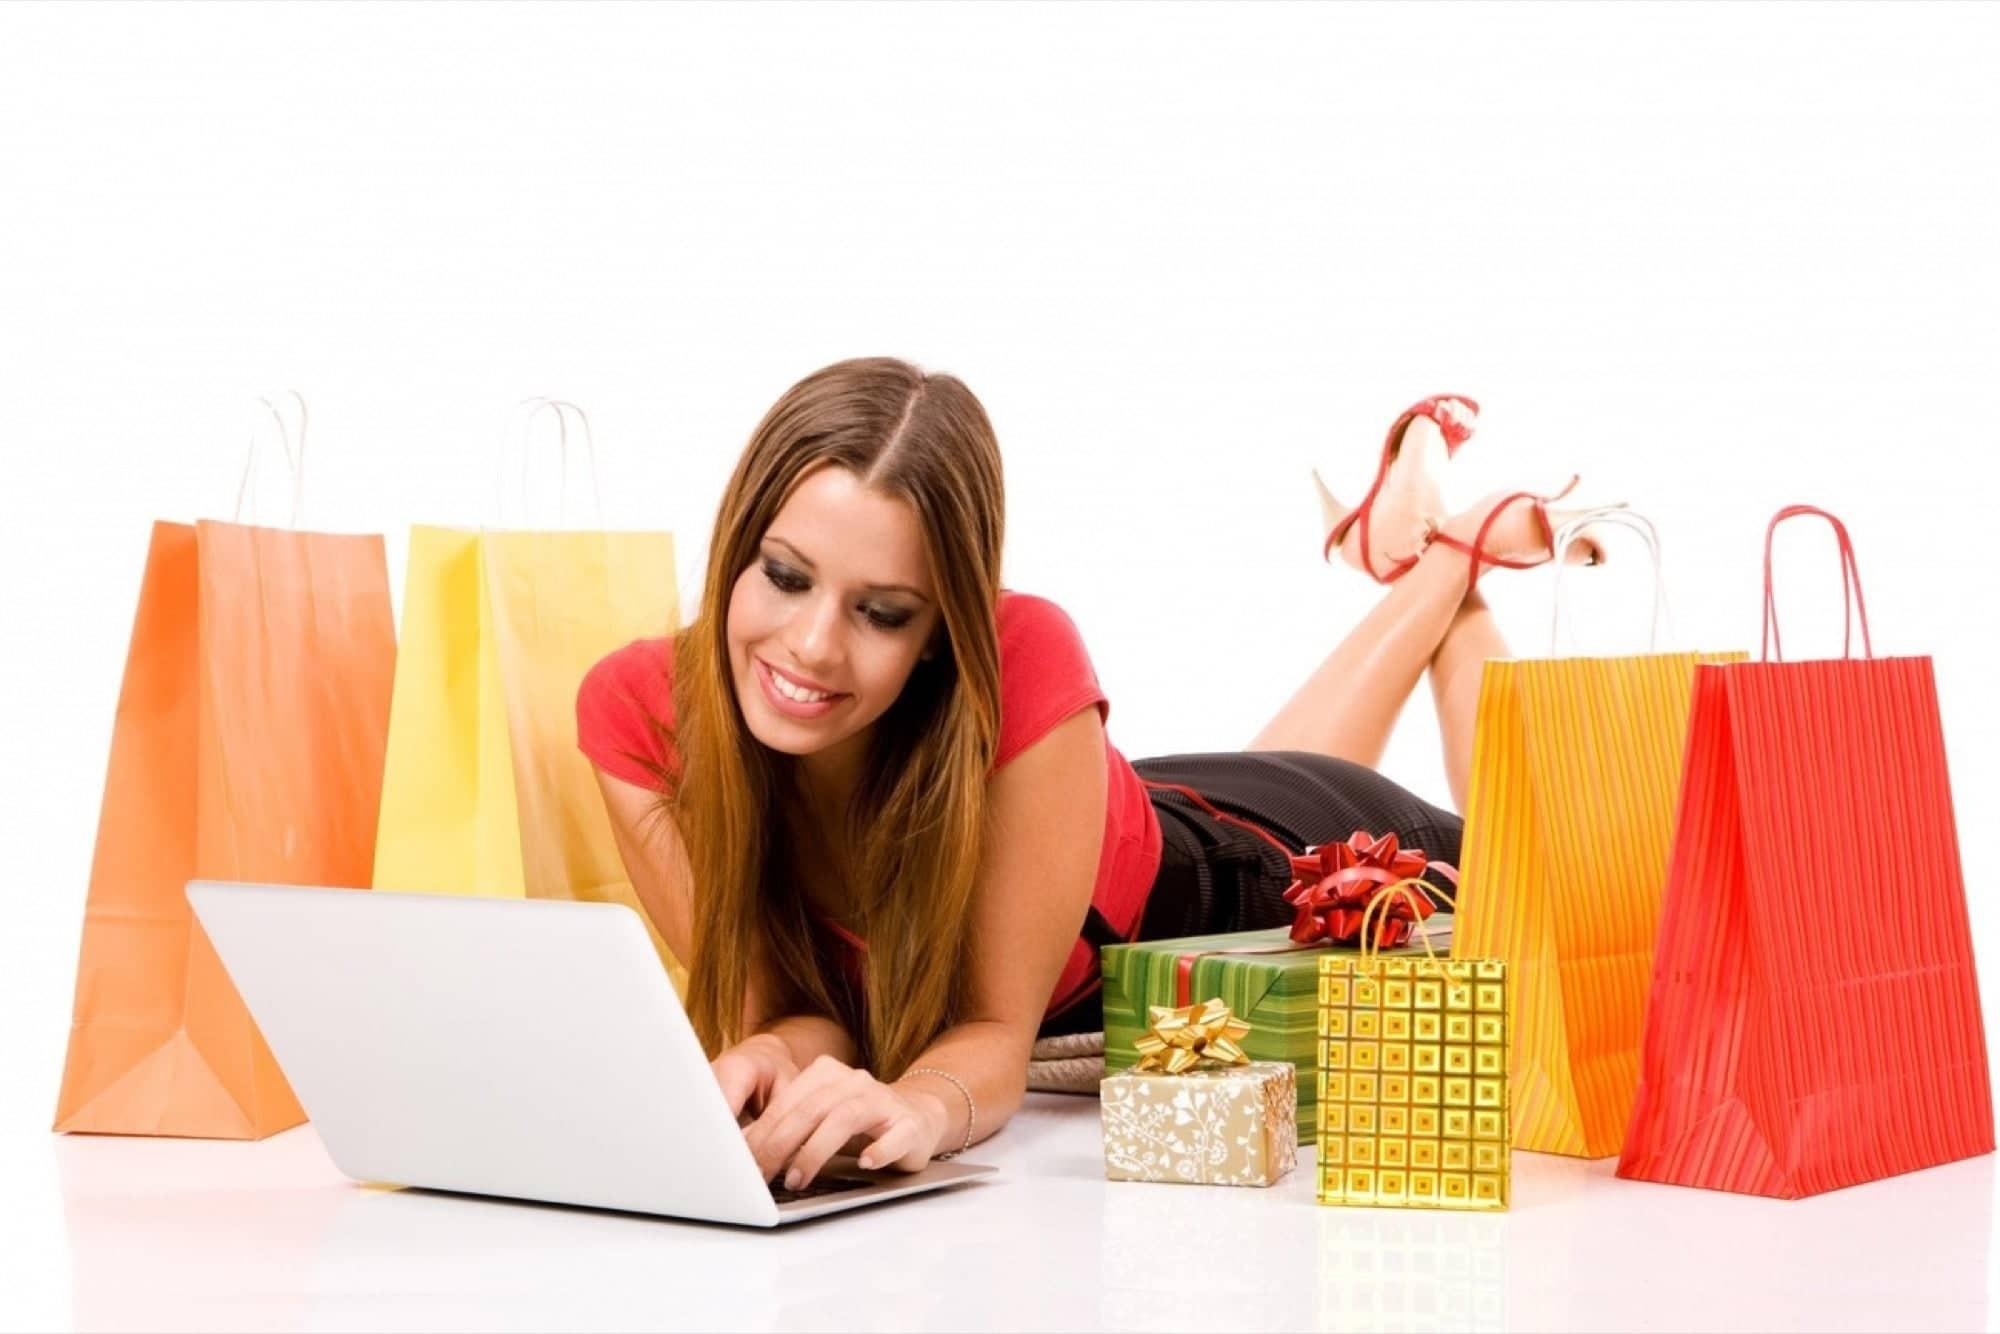 كيفية ادارة المتجر الالكتروني باحتراف 2021